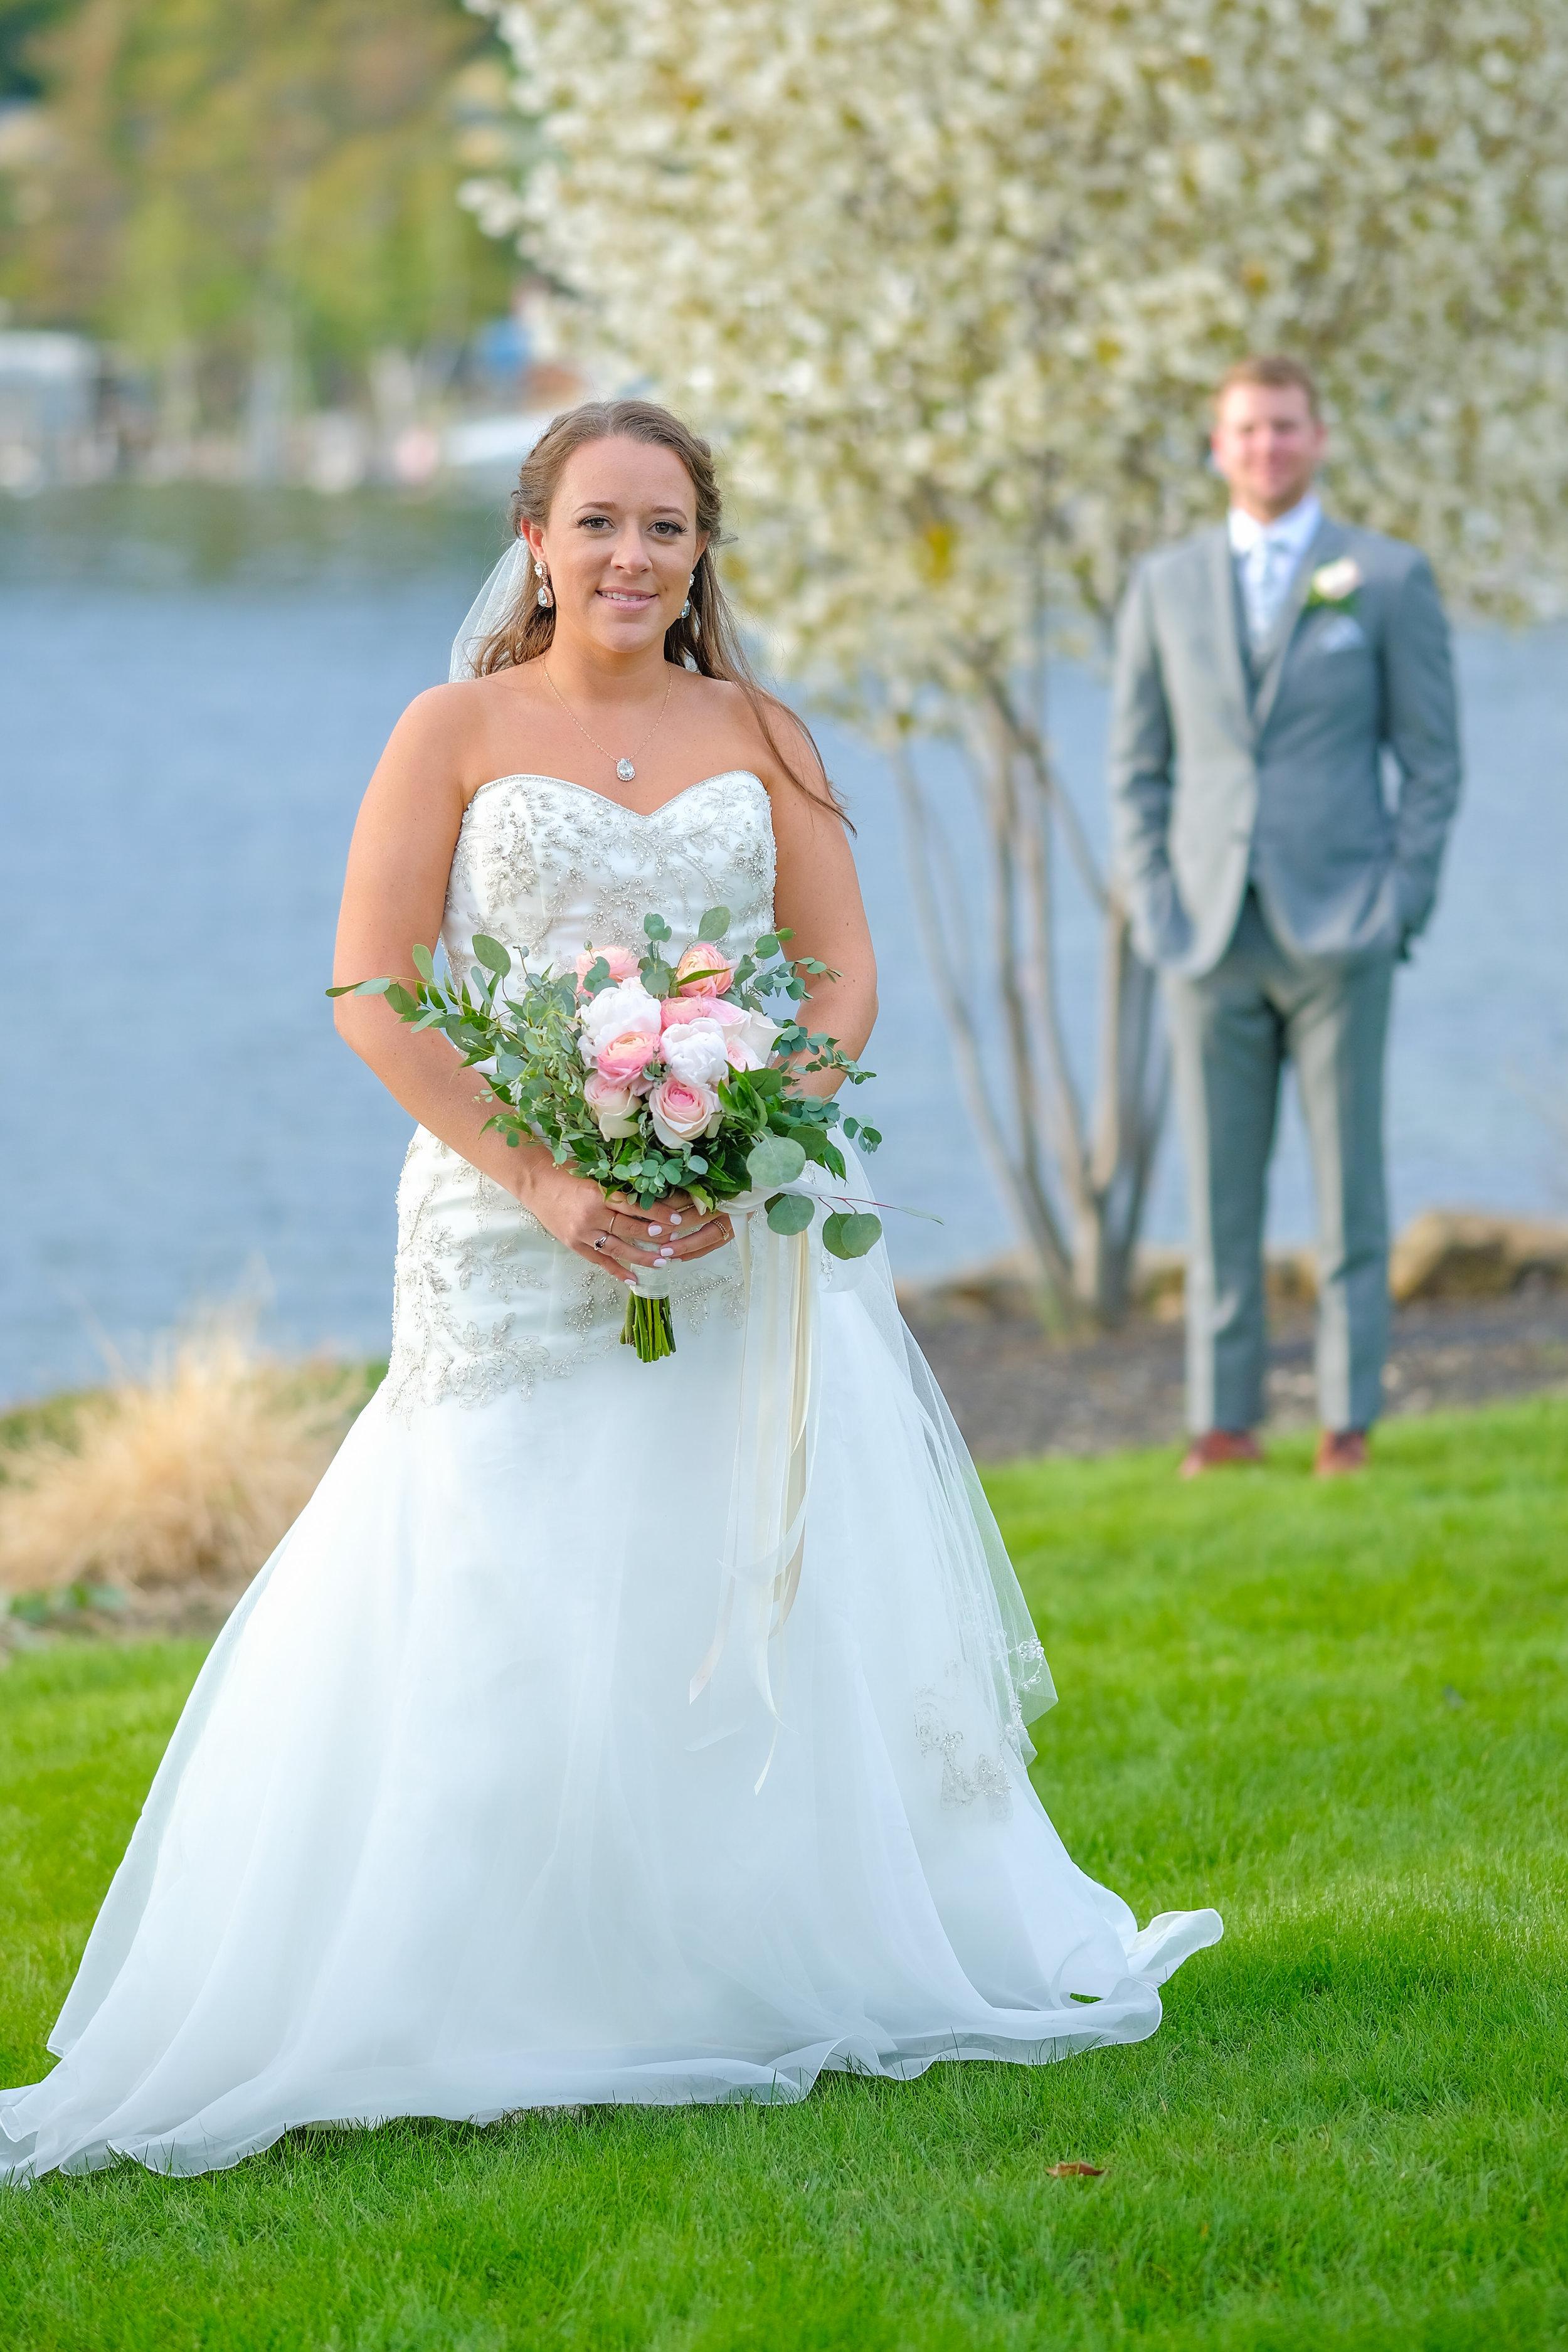 laconia-margate-wedding-photography-642.jpg